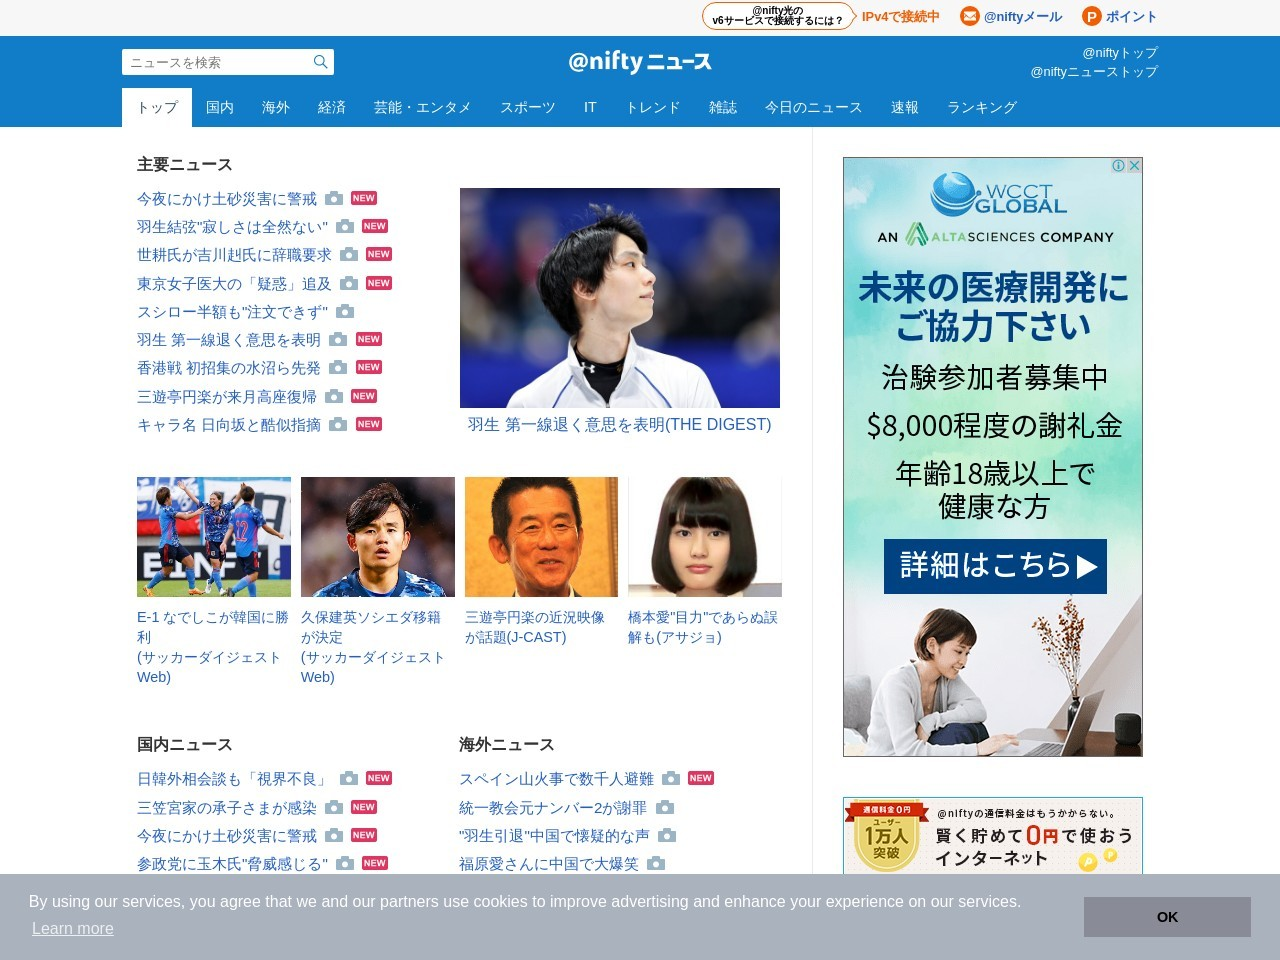 日本の地震の影響は限定的、韓国は客足回復に必死・・・国慶節の中国人観光客戦線=中国メディア